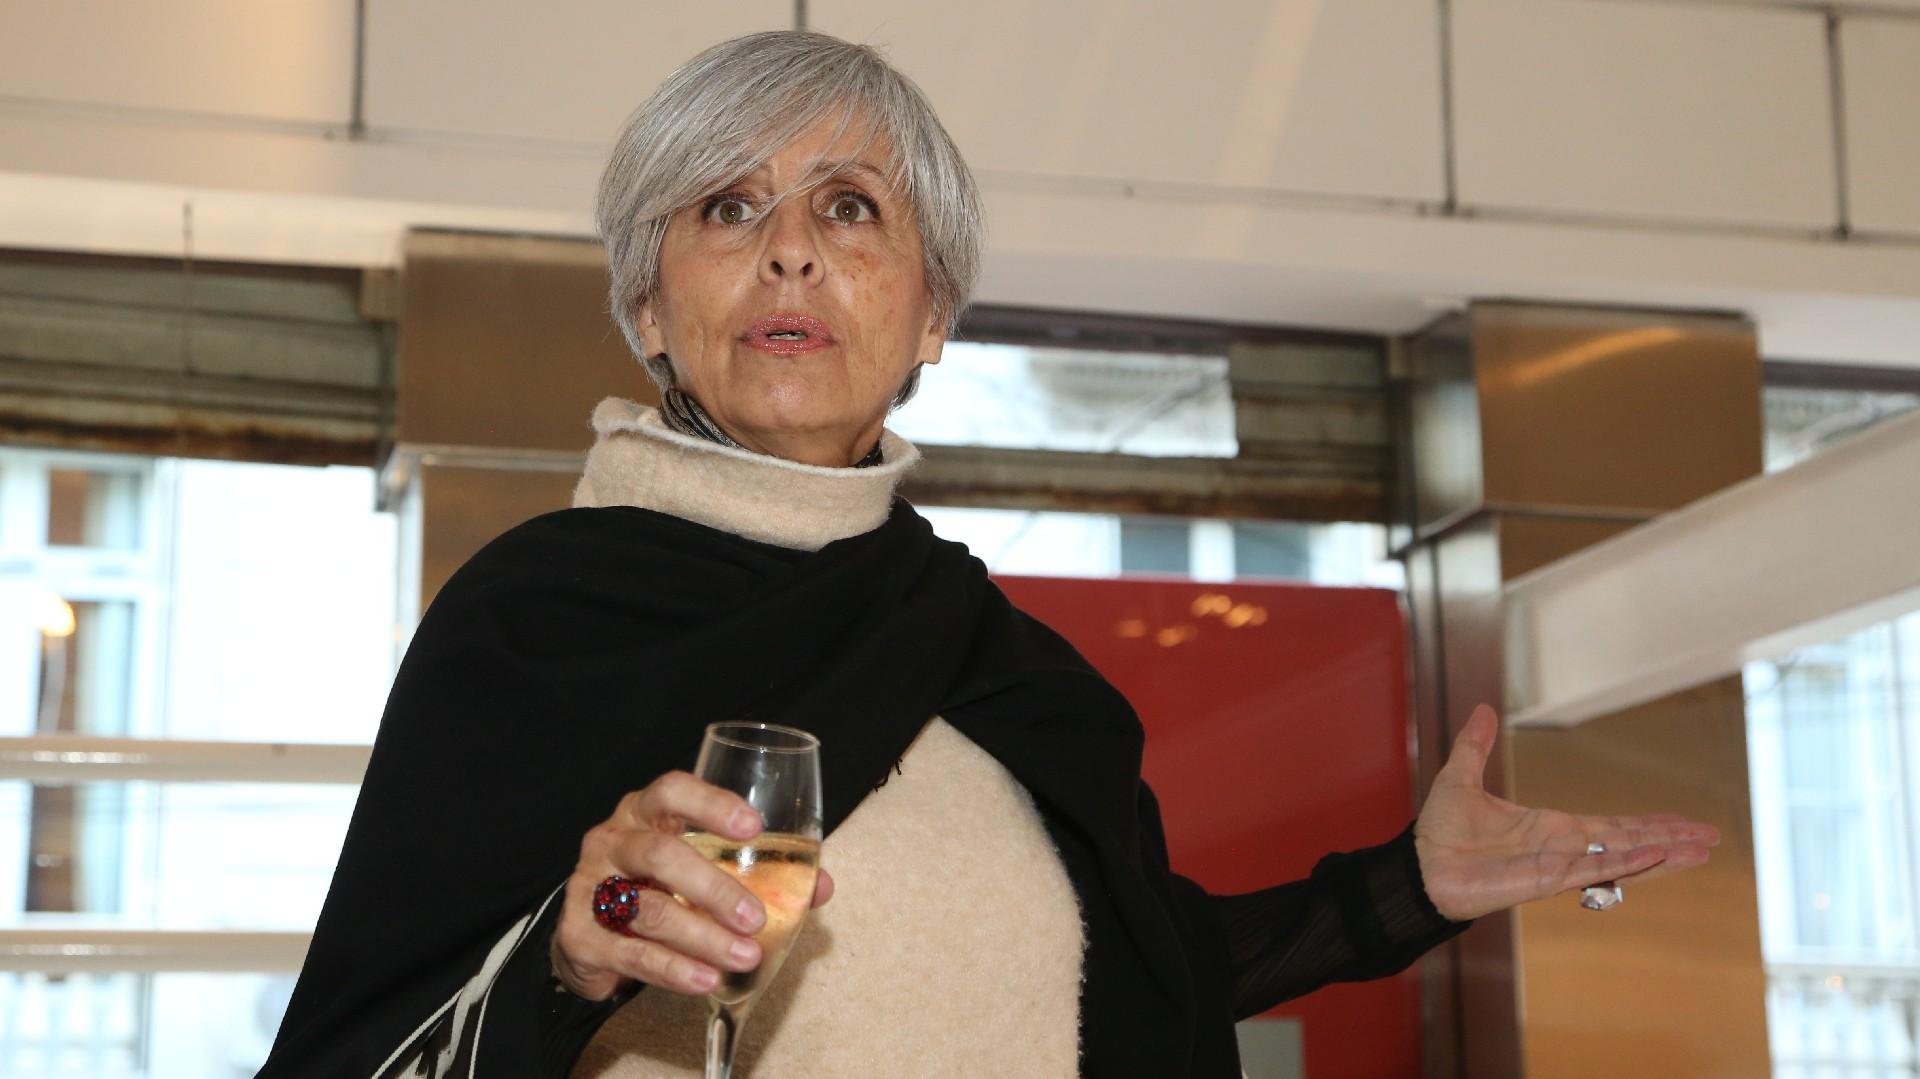 """""""De las bambalinas del universo de la moda, a la vidriera del mundo de la decoración. Distrito Arenales se convertirá en una pasarela excitante, en una muestra de talento, en un despliegue de diseño creativo. Los invito a levantar el telón. Los invito a soñar, a vivir"""", expresó la curadora Dolores Navarro Ocampo en el cóctel de inauguración"""